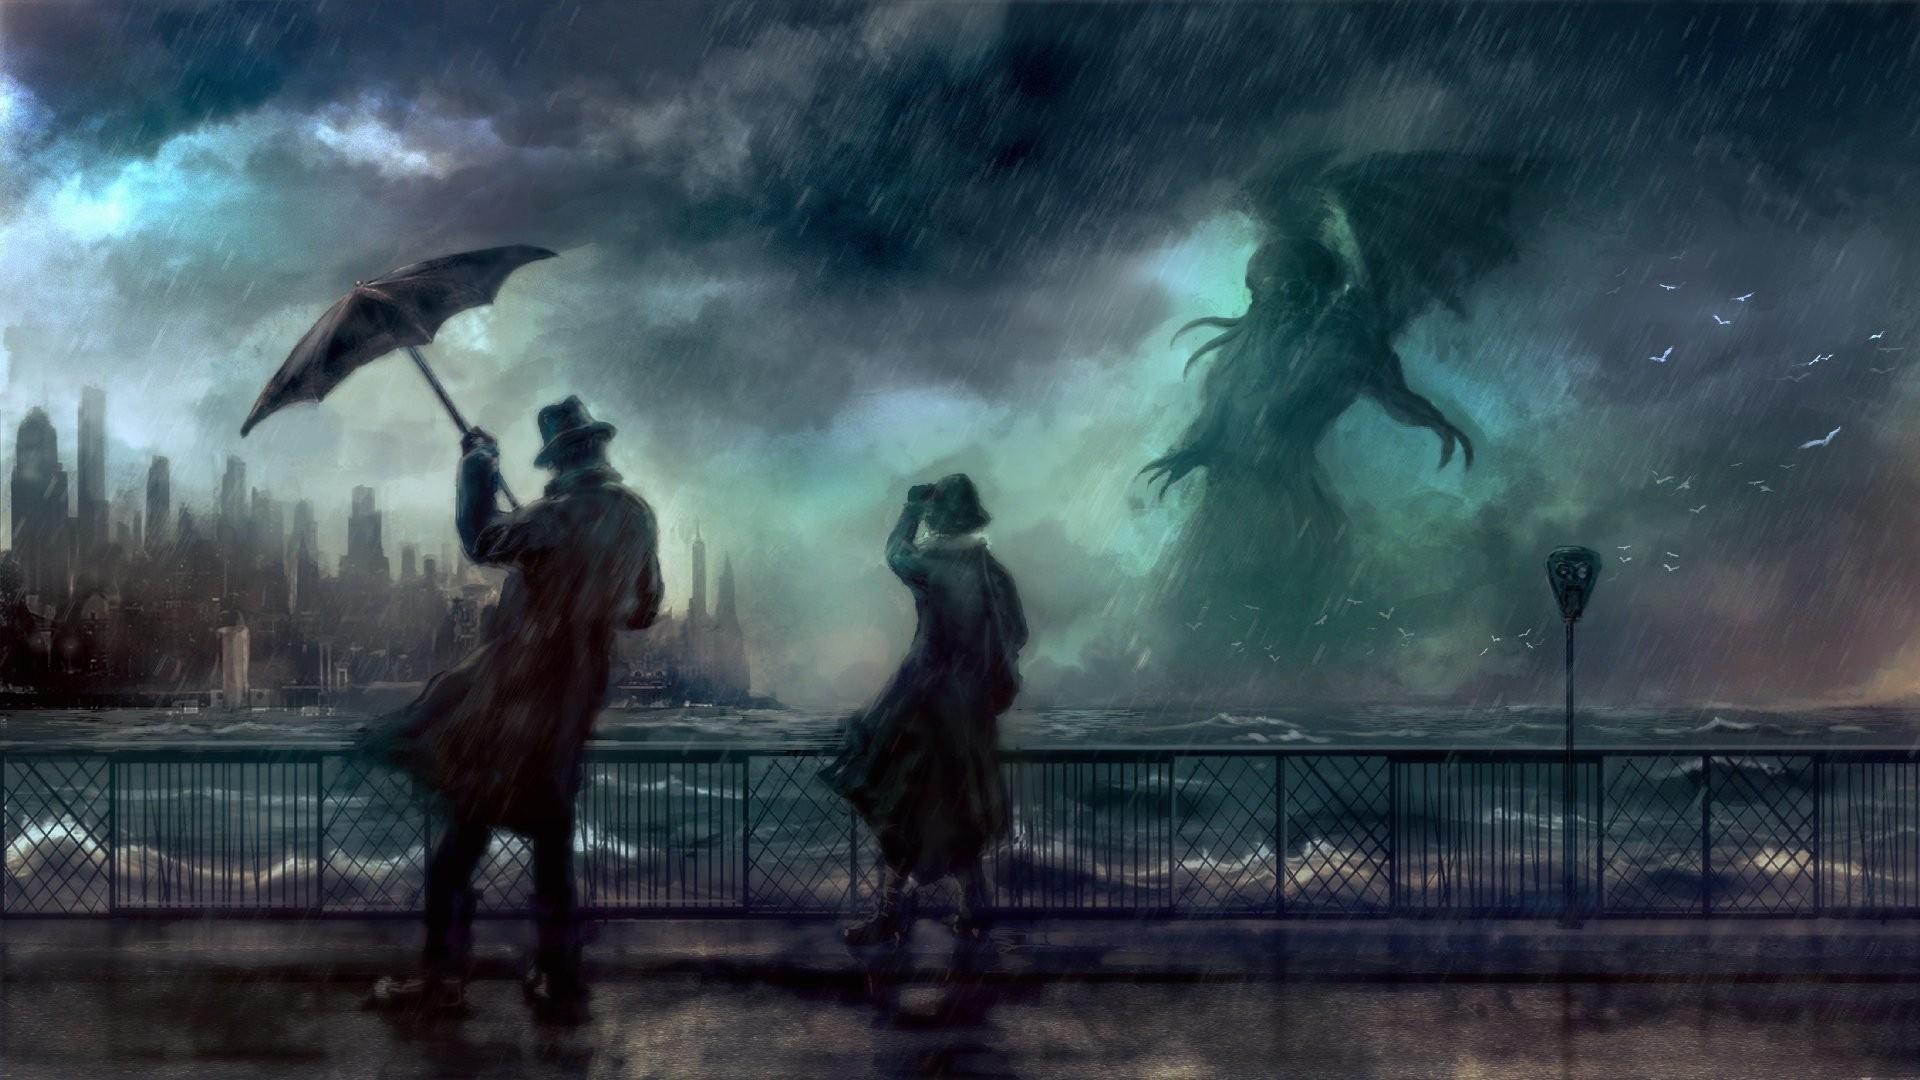 Lovecraft Wallpaper Full HD